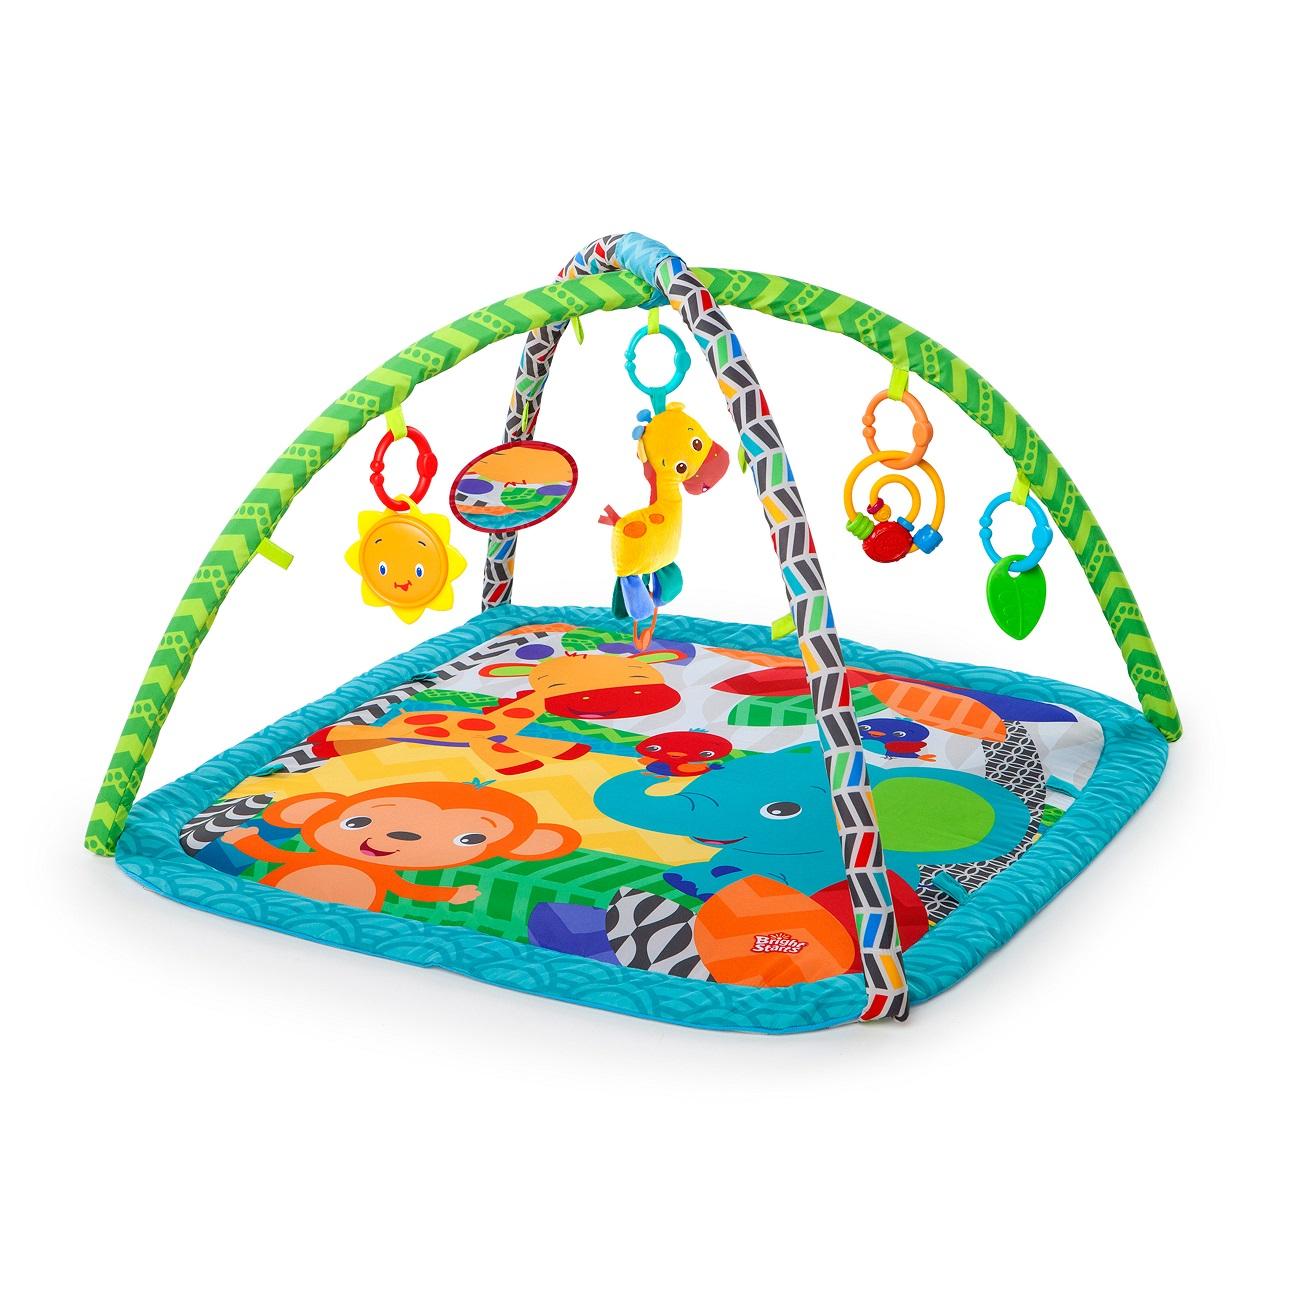 Развивающий коврик Bright Starts Веселый жираф, с игрушкамиДетские развивающие коврики для новорожденных<br>Развивающий коврик Bright Starts Веселый жираф, с игрушками<br>